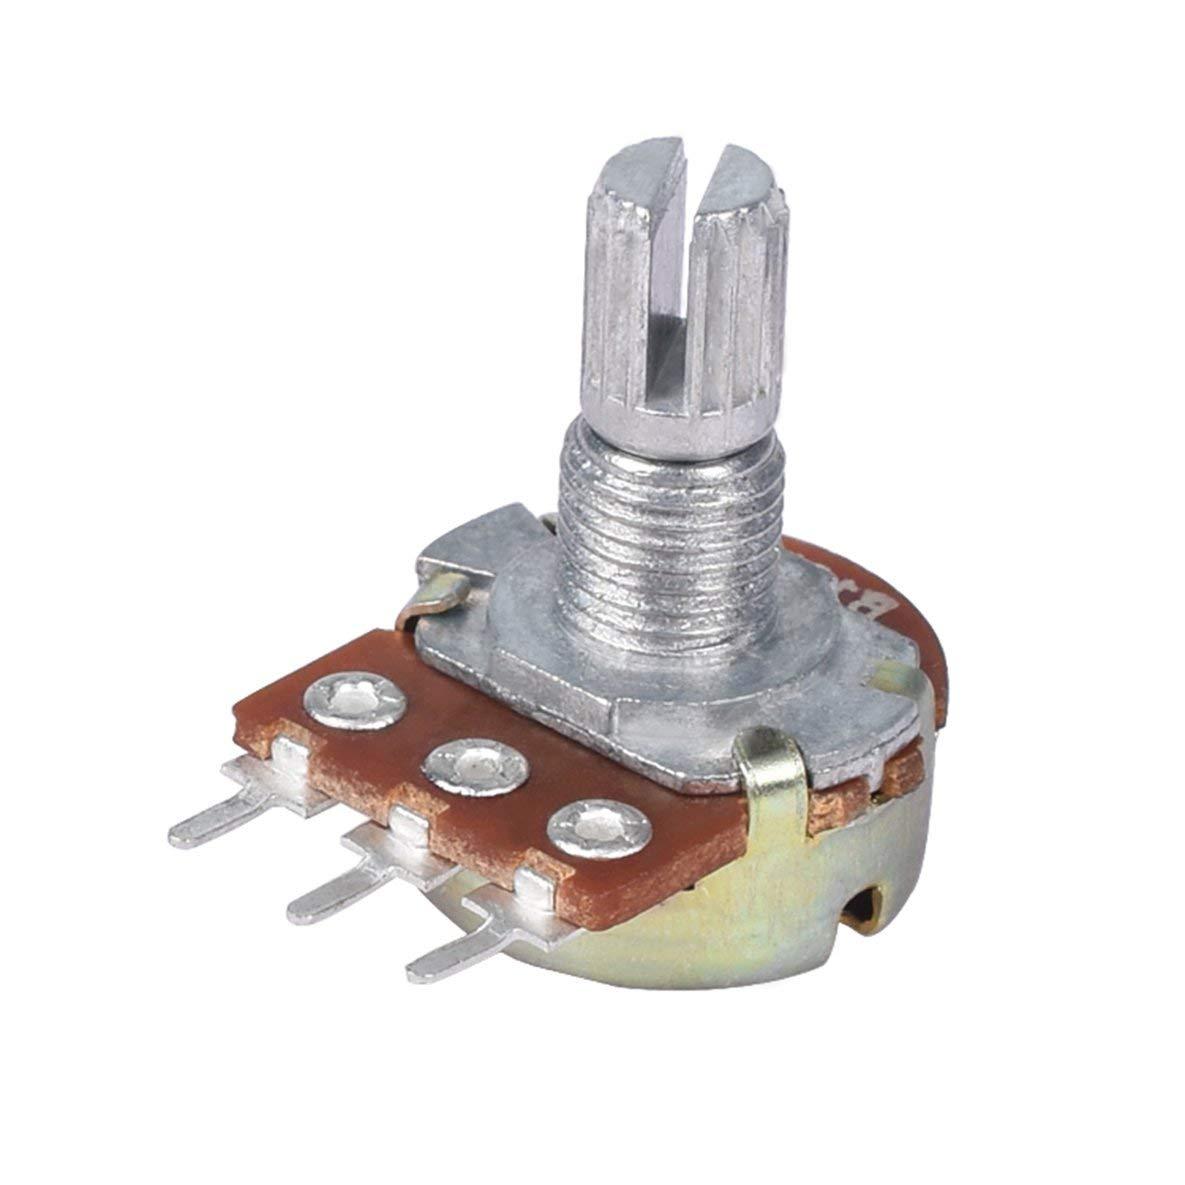 Noradtjcca 10 PZ WH148 Pot B10K 10 K Lineare Potenziometro Albero 15mm 3 Pin di Alta qualit/à